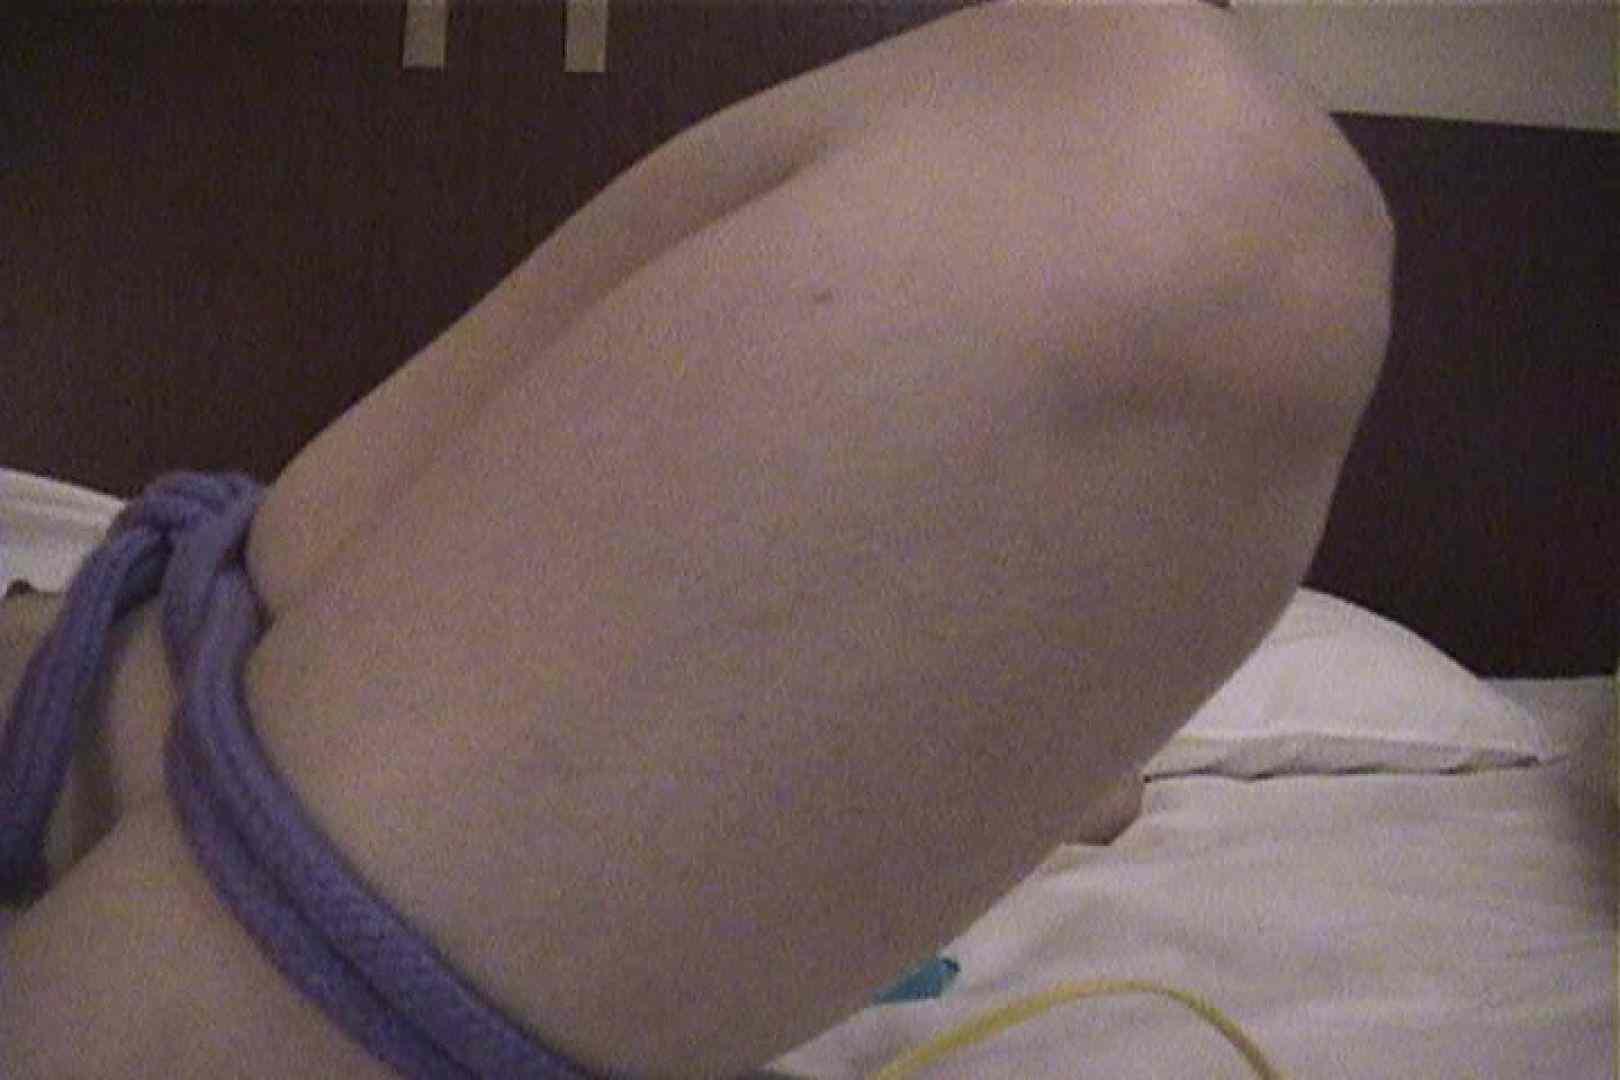 歯科衛生士バージンアラサー30歳まきVol.2 ローター 性交動画流出 93画像 6